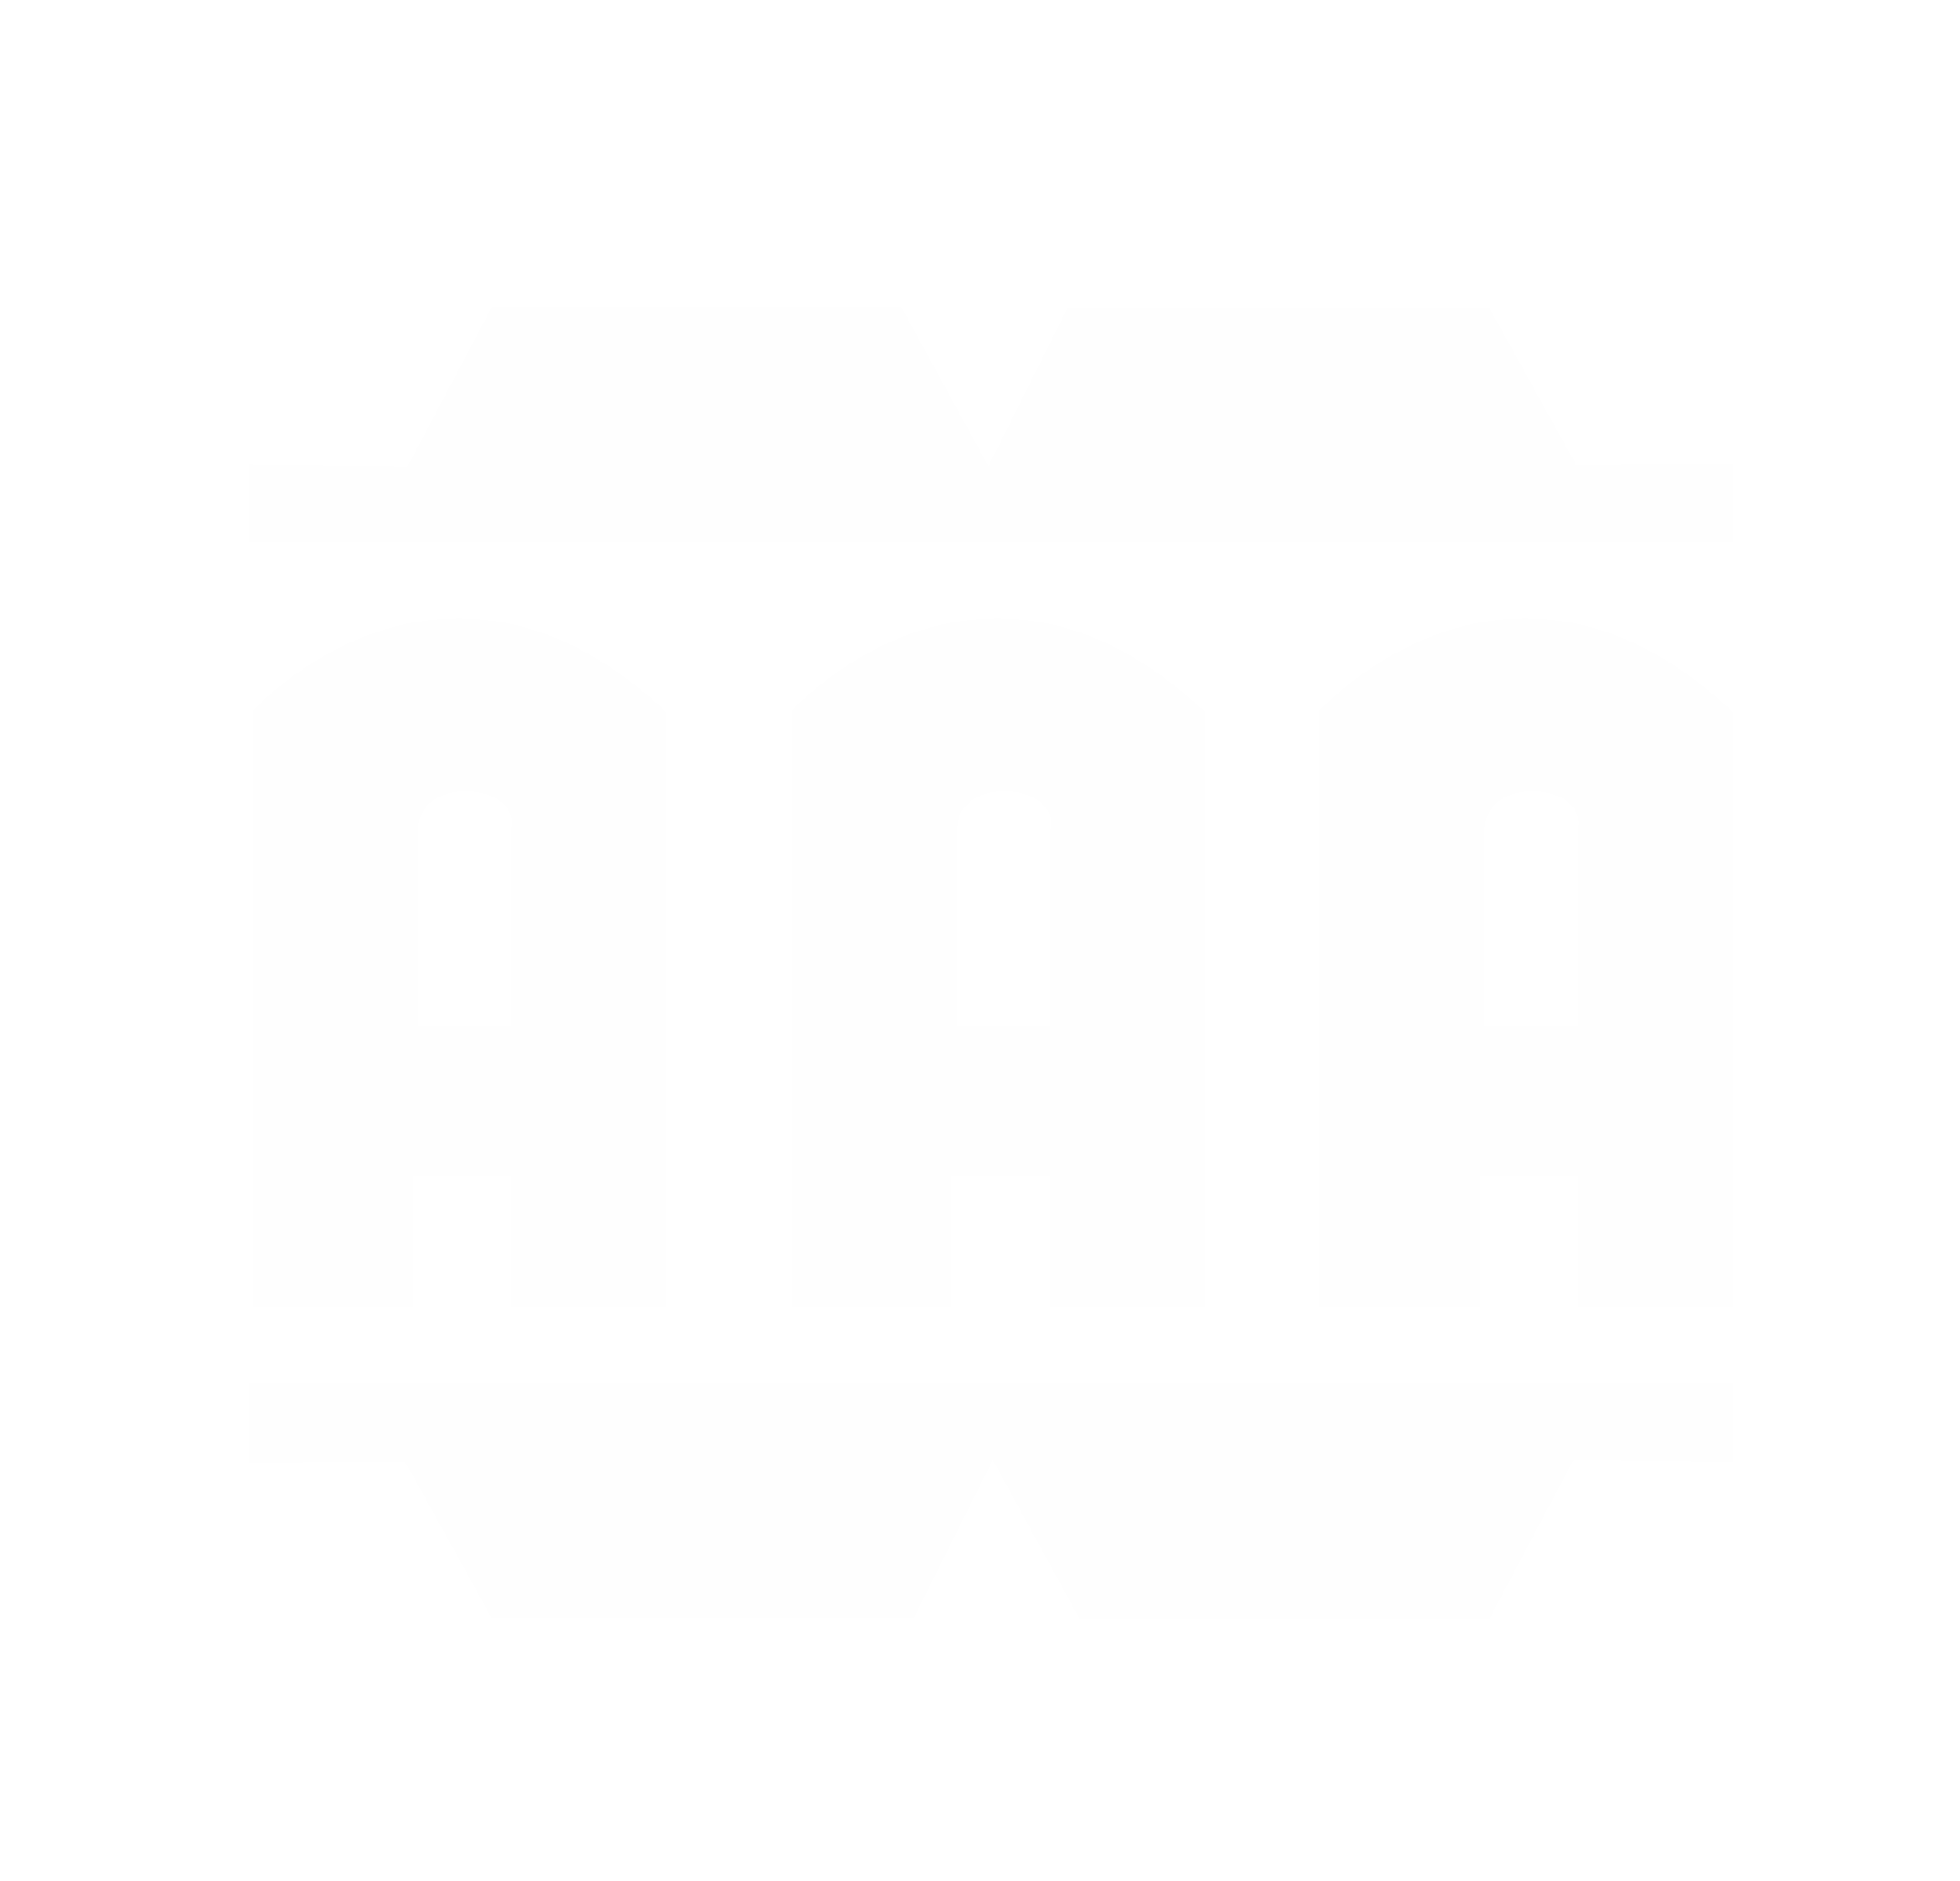 Clube Associação Atlética Alumínio